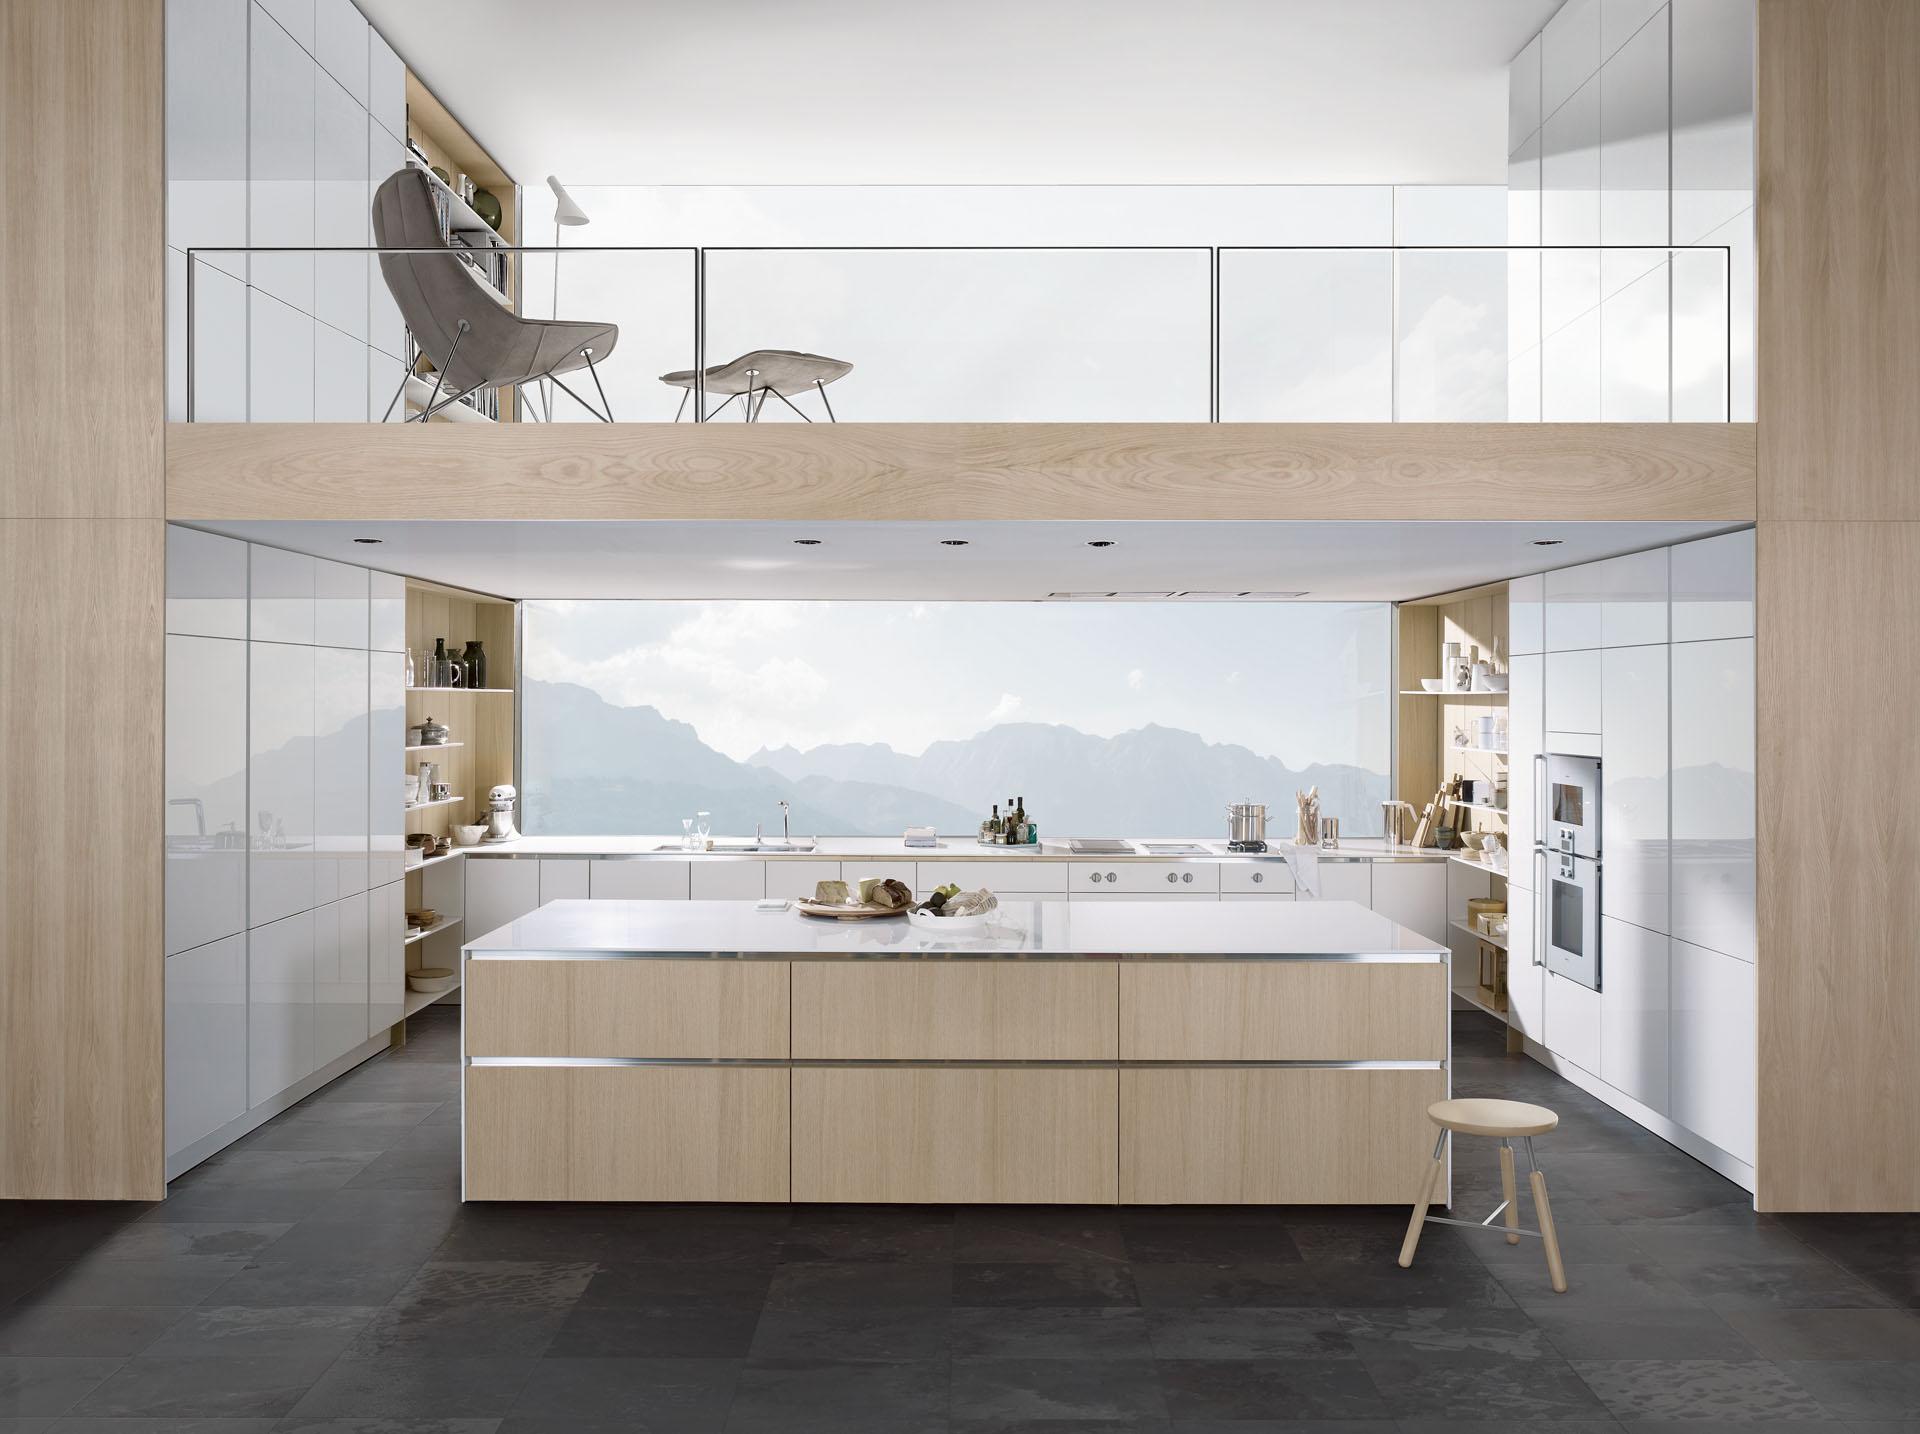 Siematic keuken onderdelen nieuw lange keuken ommen